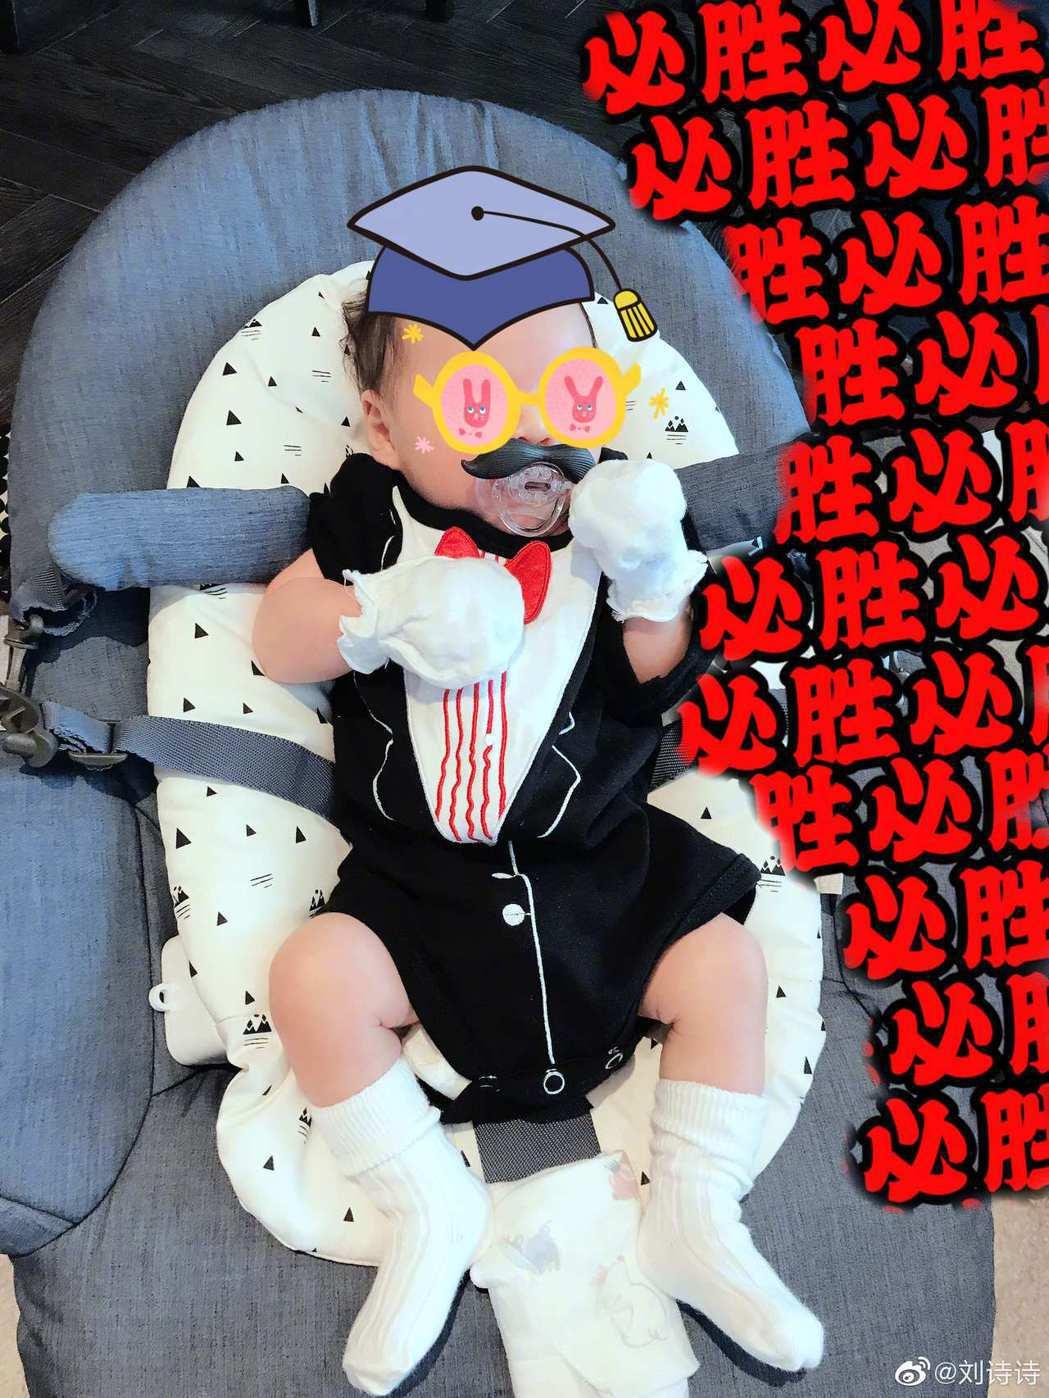 吳奇隆與劉詩詩的兒子小名叫「步步」。 圖/擷自劉詩詩微博